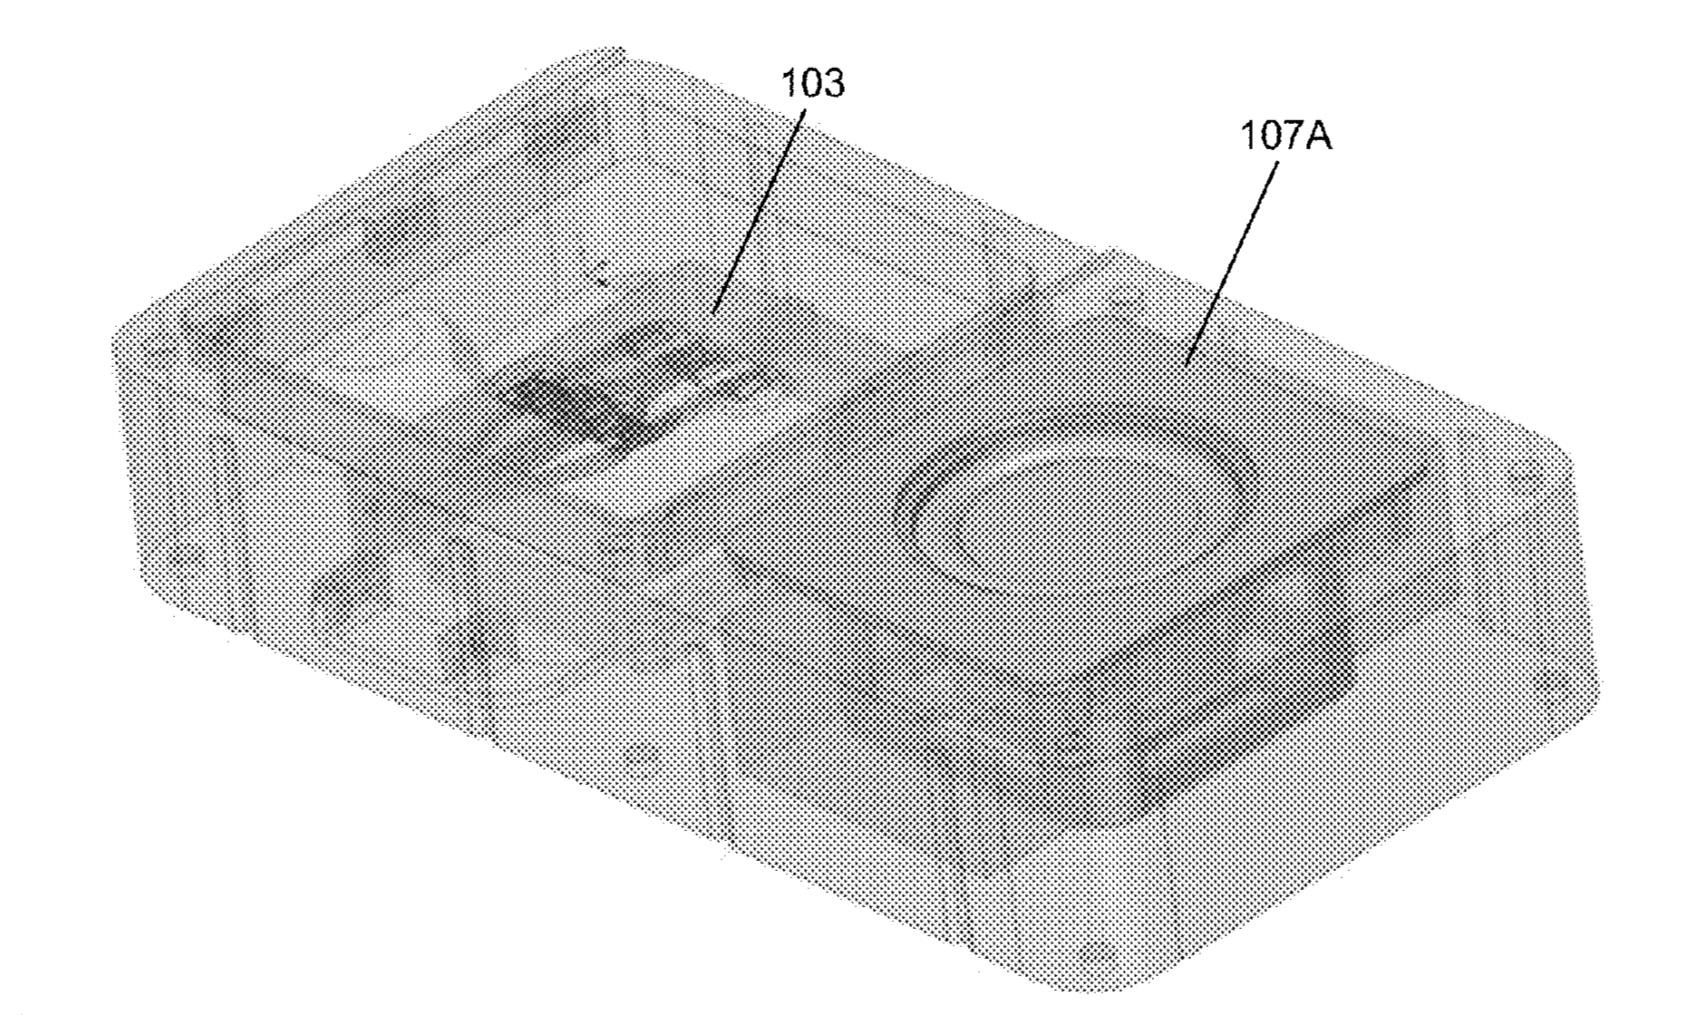 Slik kan en modulær telefon fra Facebook se ut, i følge skissene deres i en nypublisert patentsøknad.